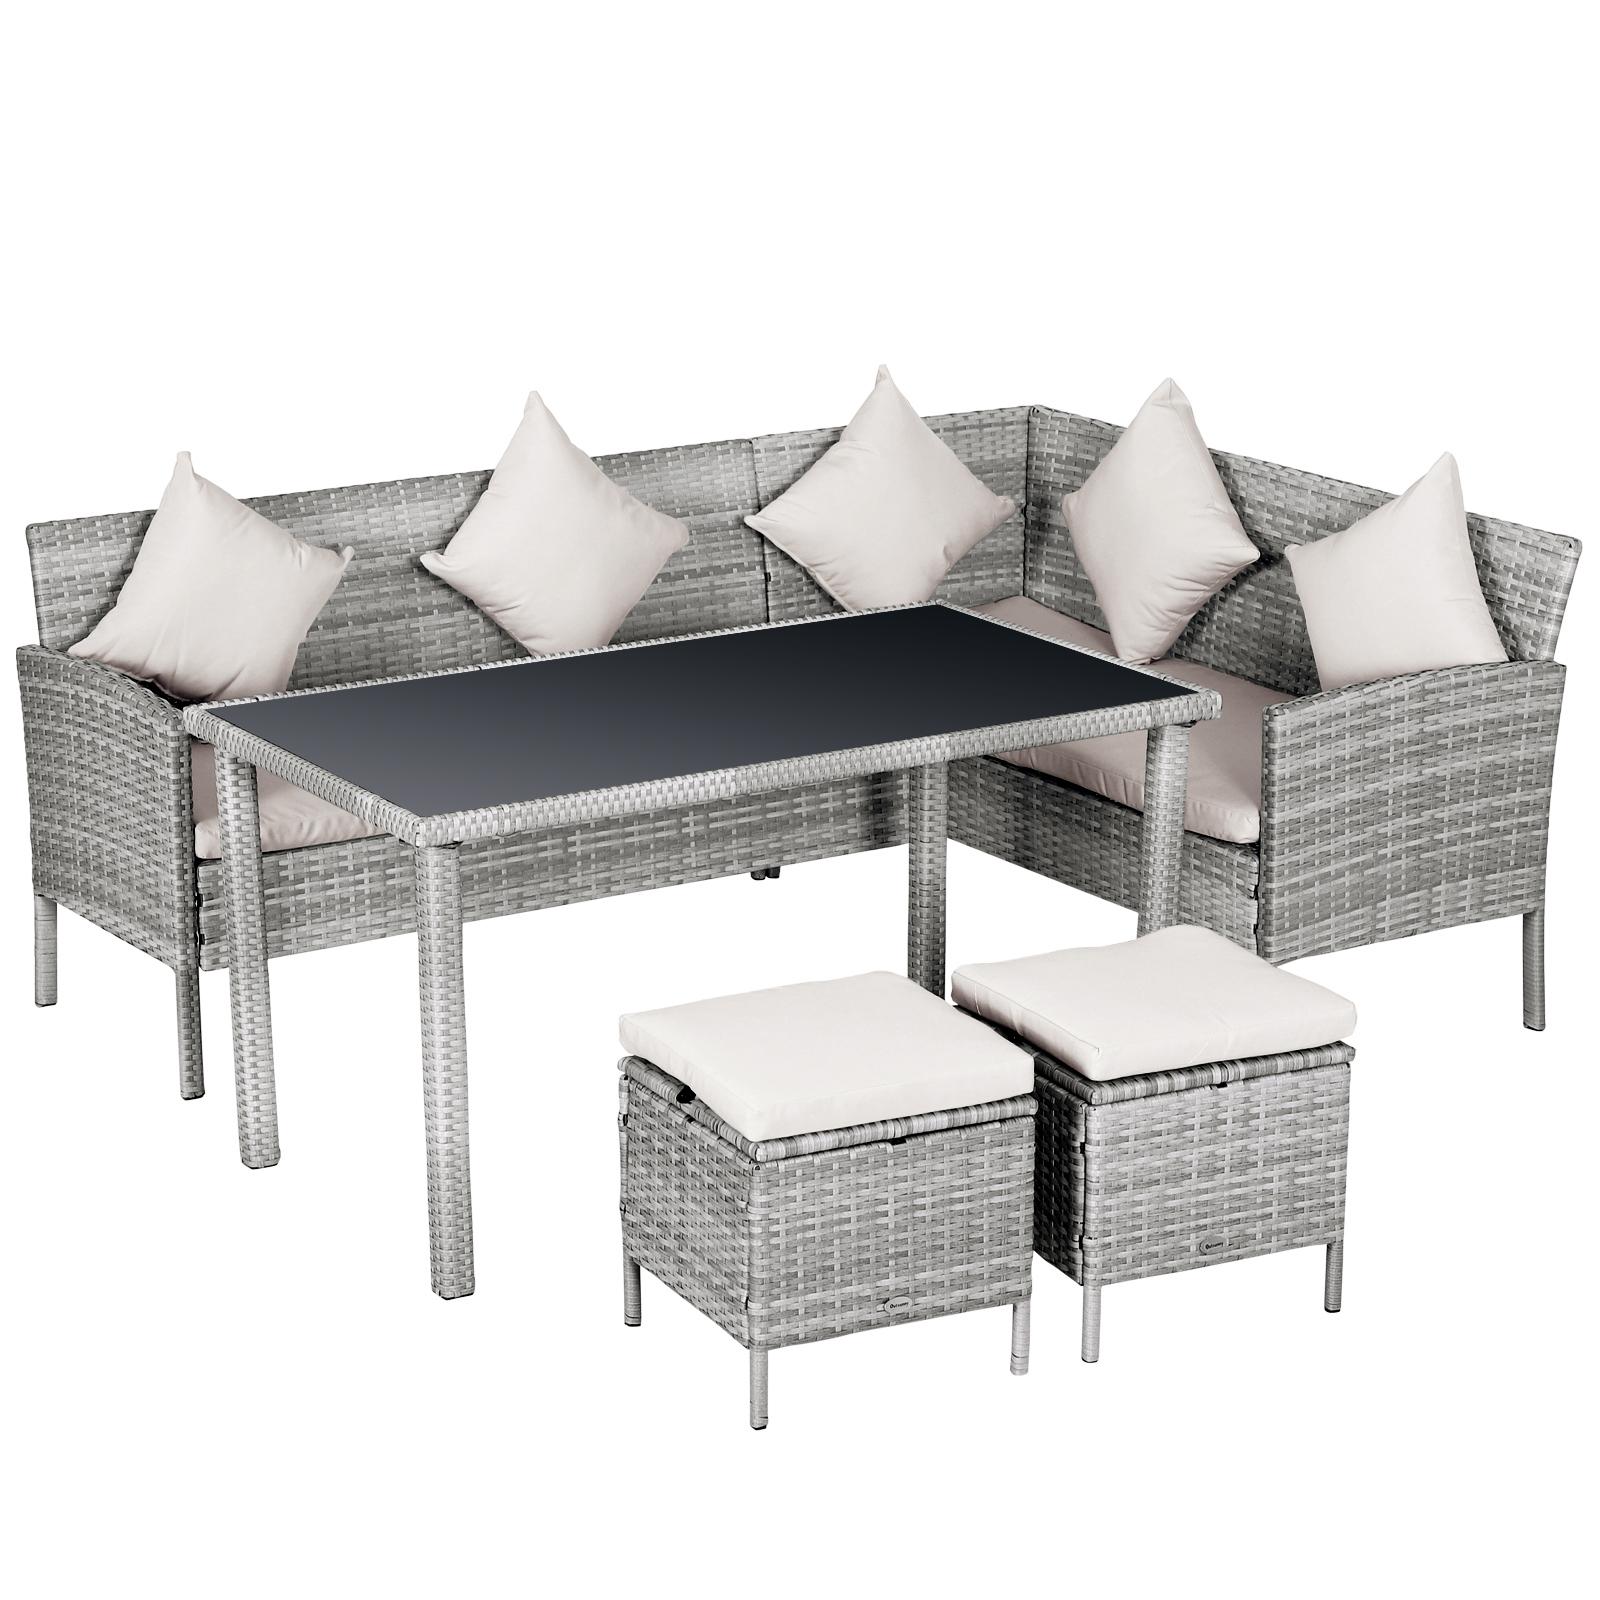 Salon de jardin d'angle 6 places avec poufs er table à manger gris